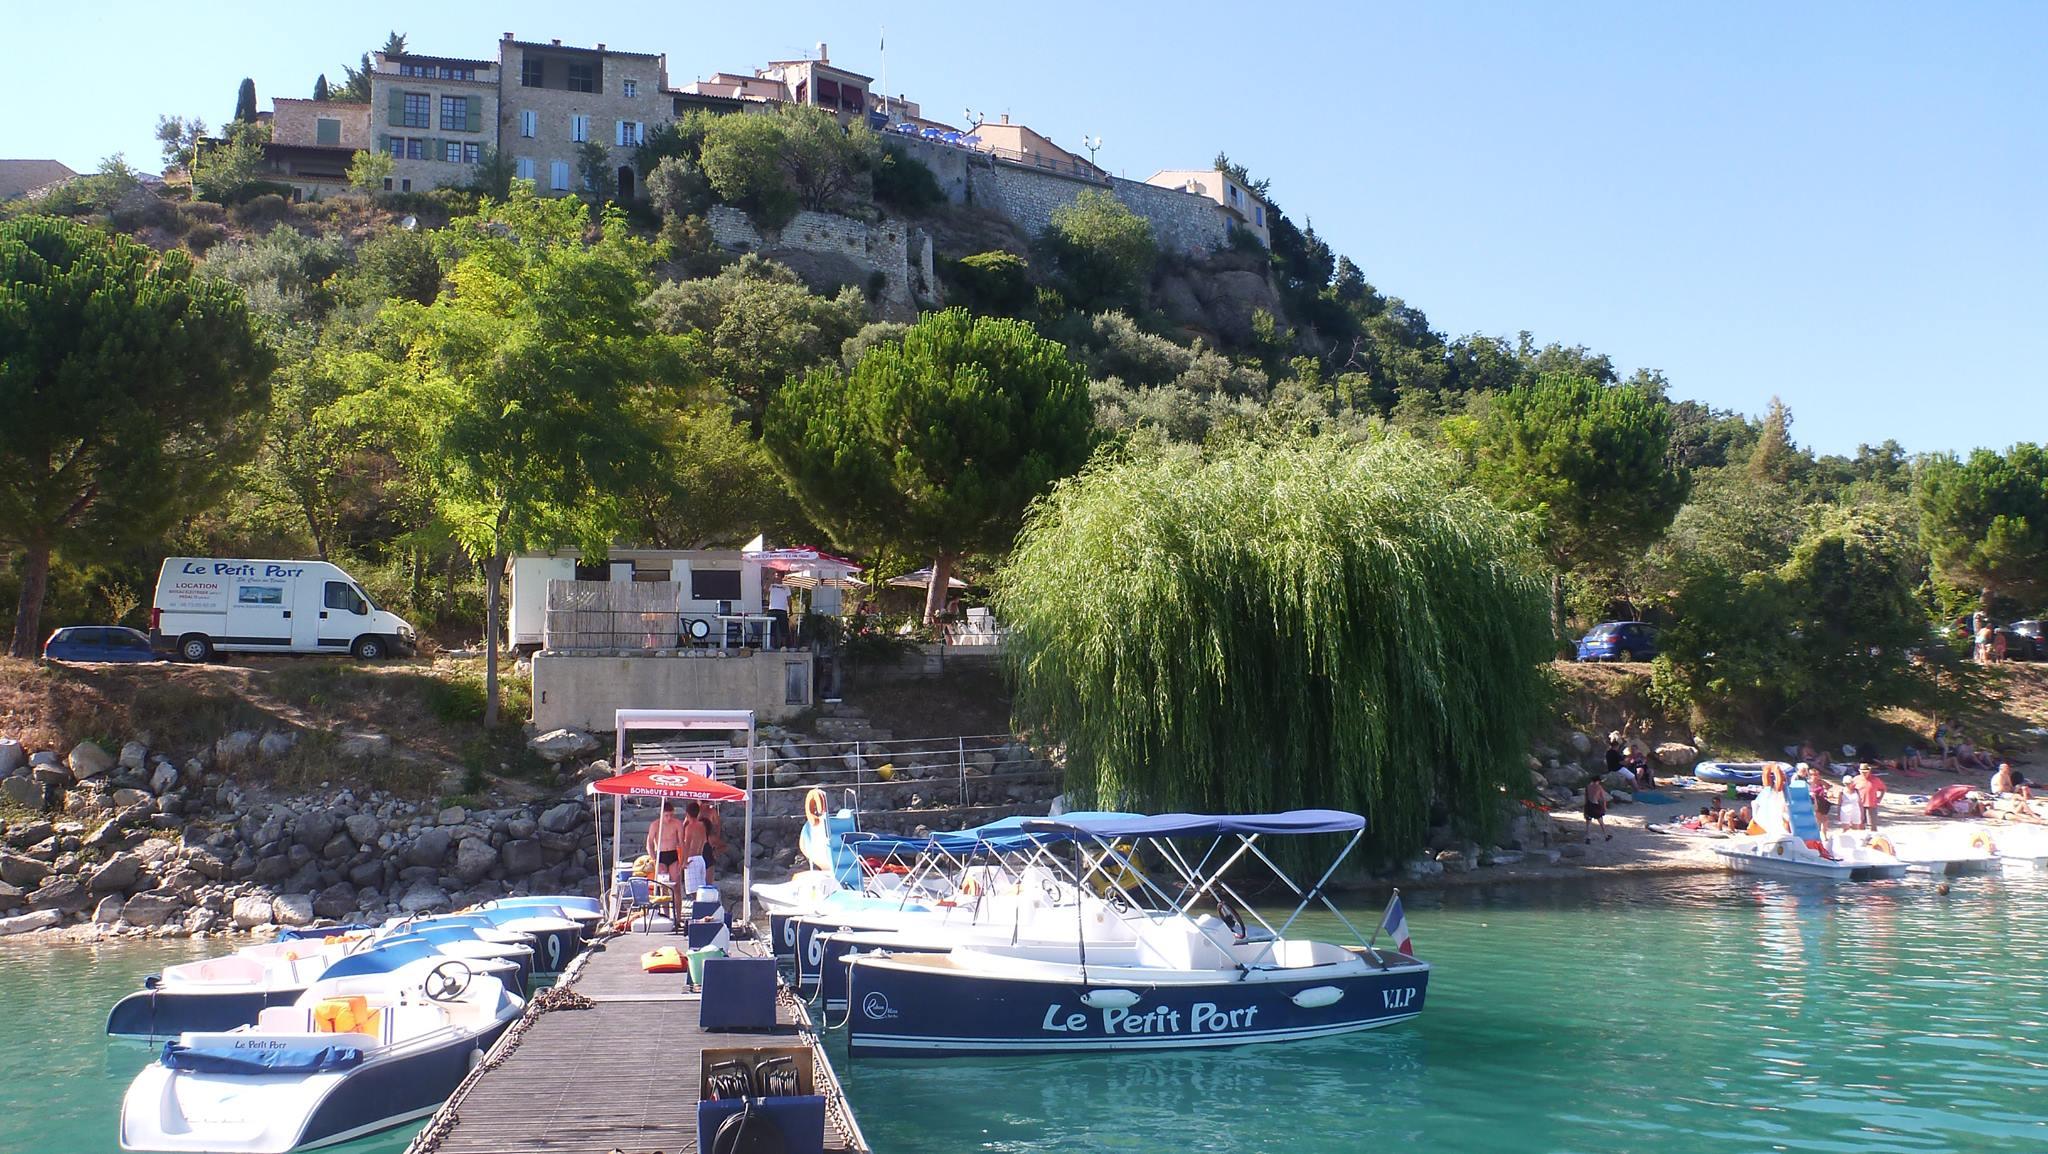 Le petit port - Sainte croix du verdon office du tourisme ...